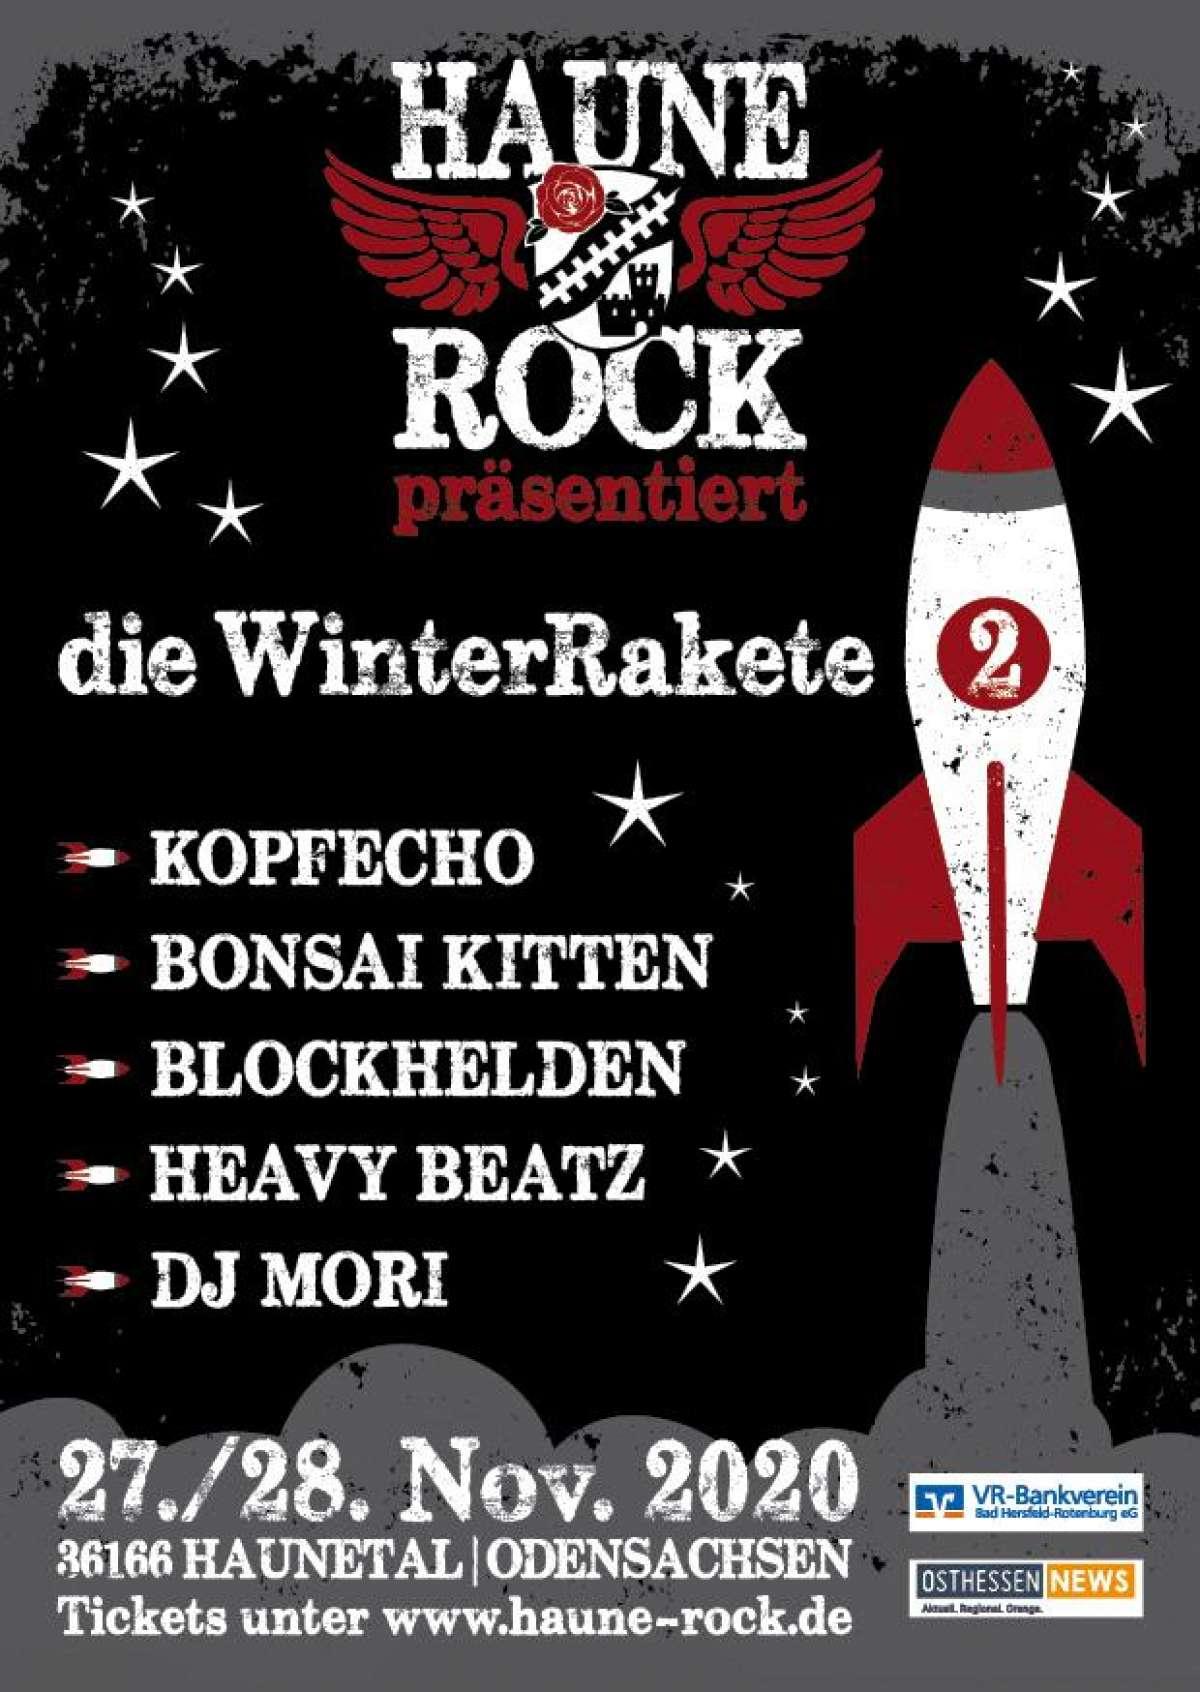 Die WinterRakete Vol.II - Blockhelden, Bonsai Kitten, KopfEcho, DJ Mori - Festplatz Odensachsen - Haunetal-Odensachsen